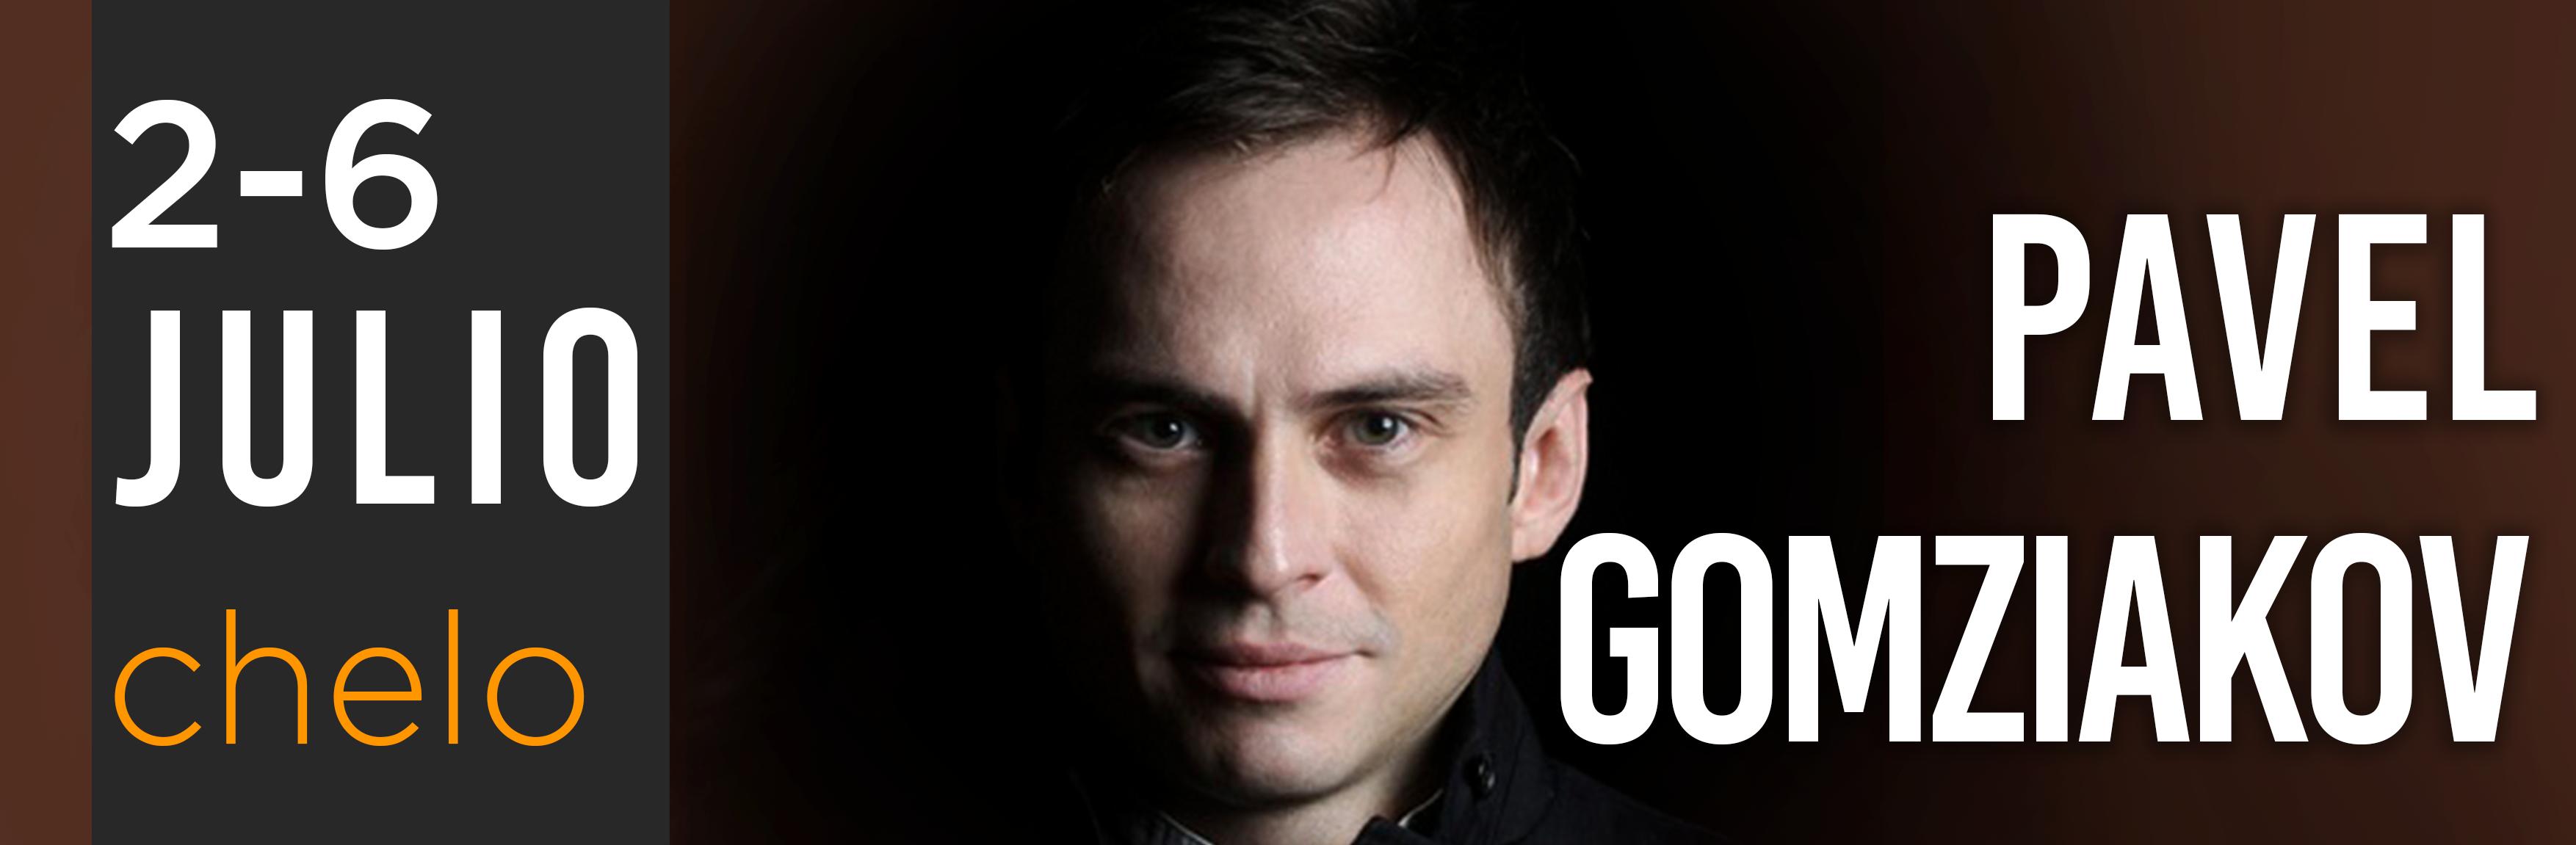 Pavel Gomziakov